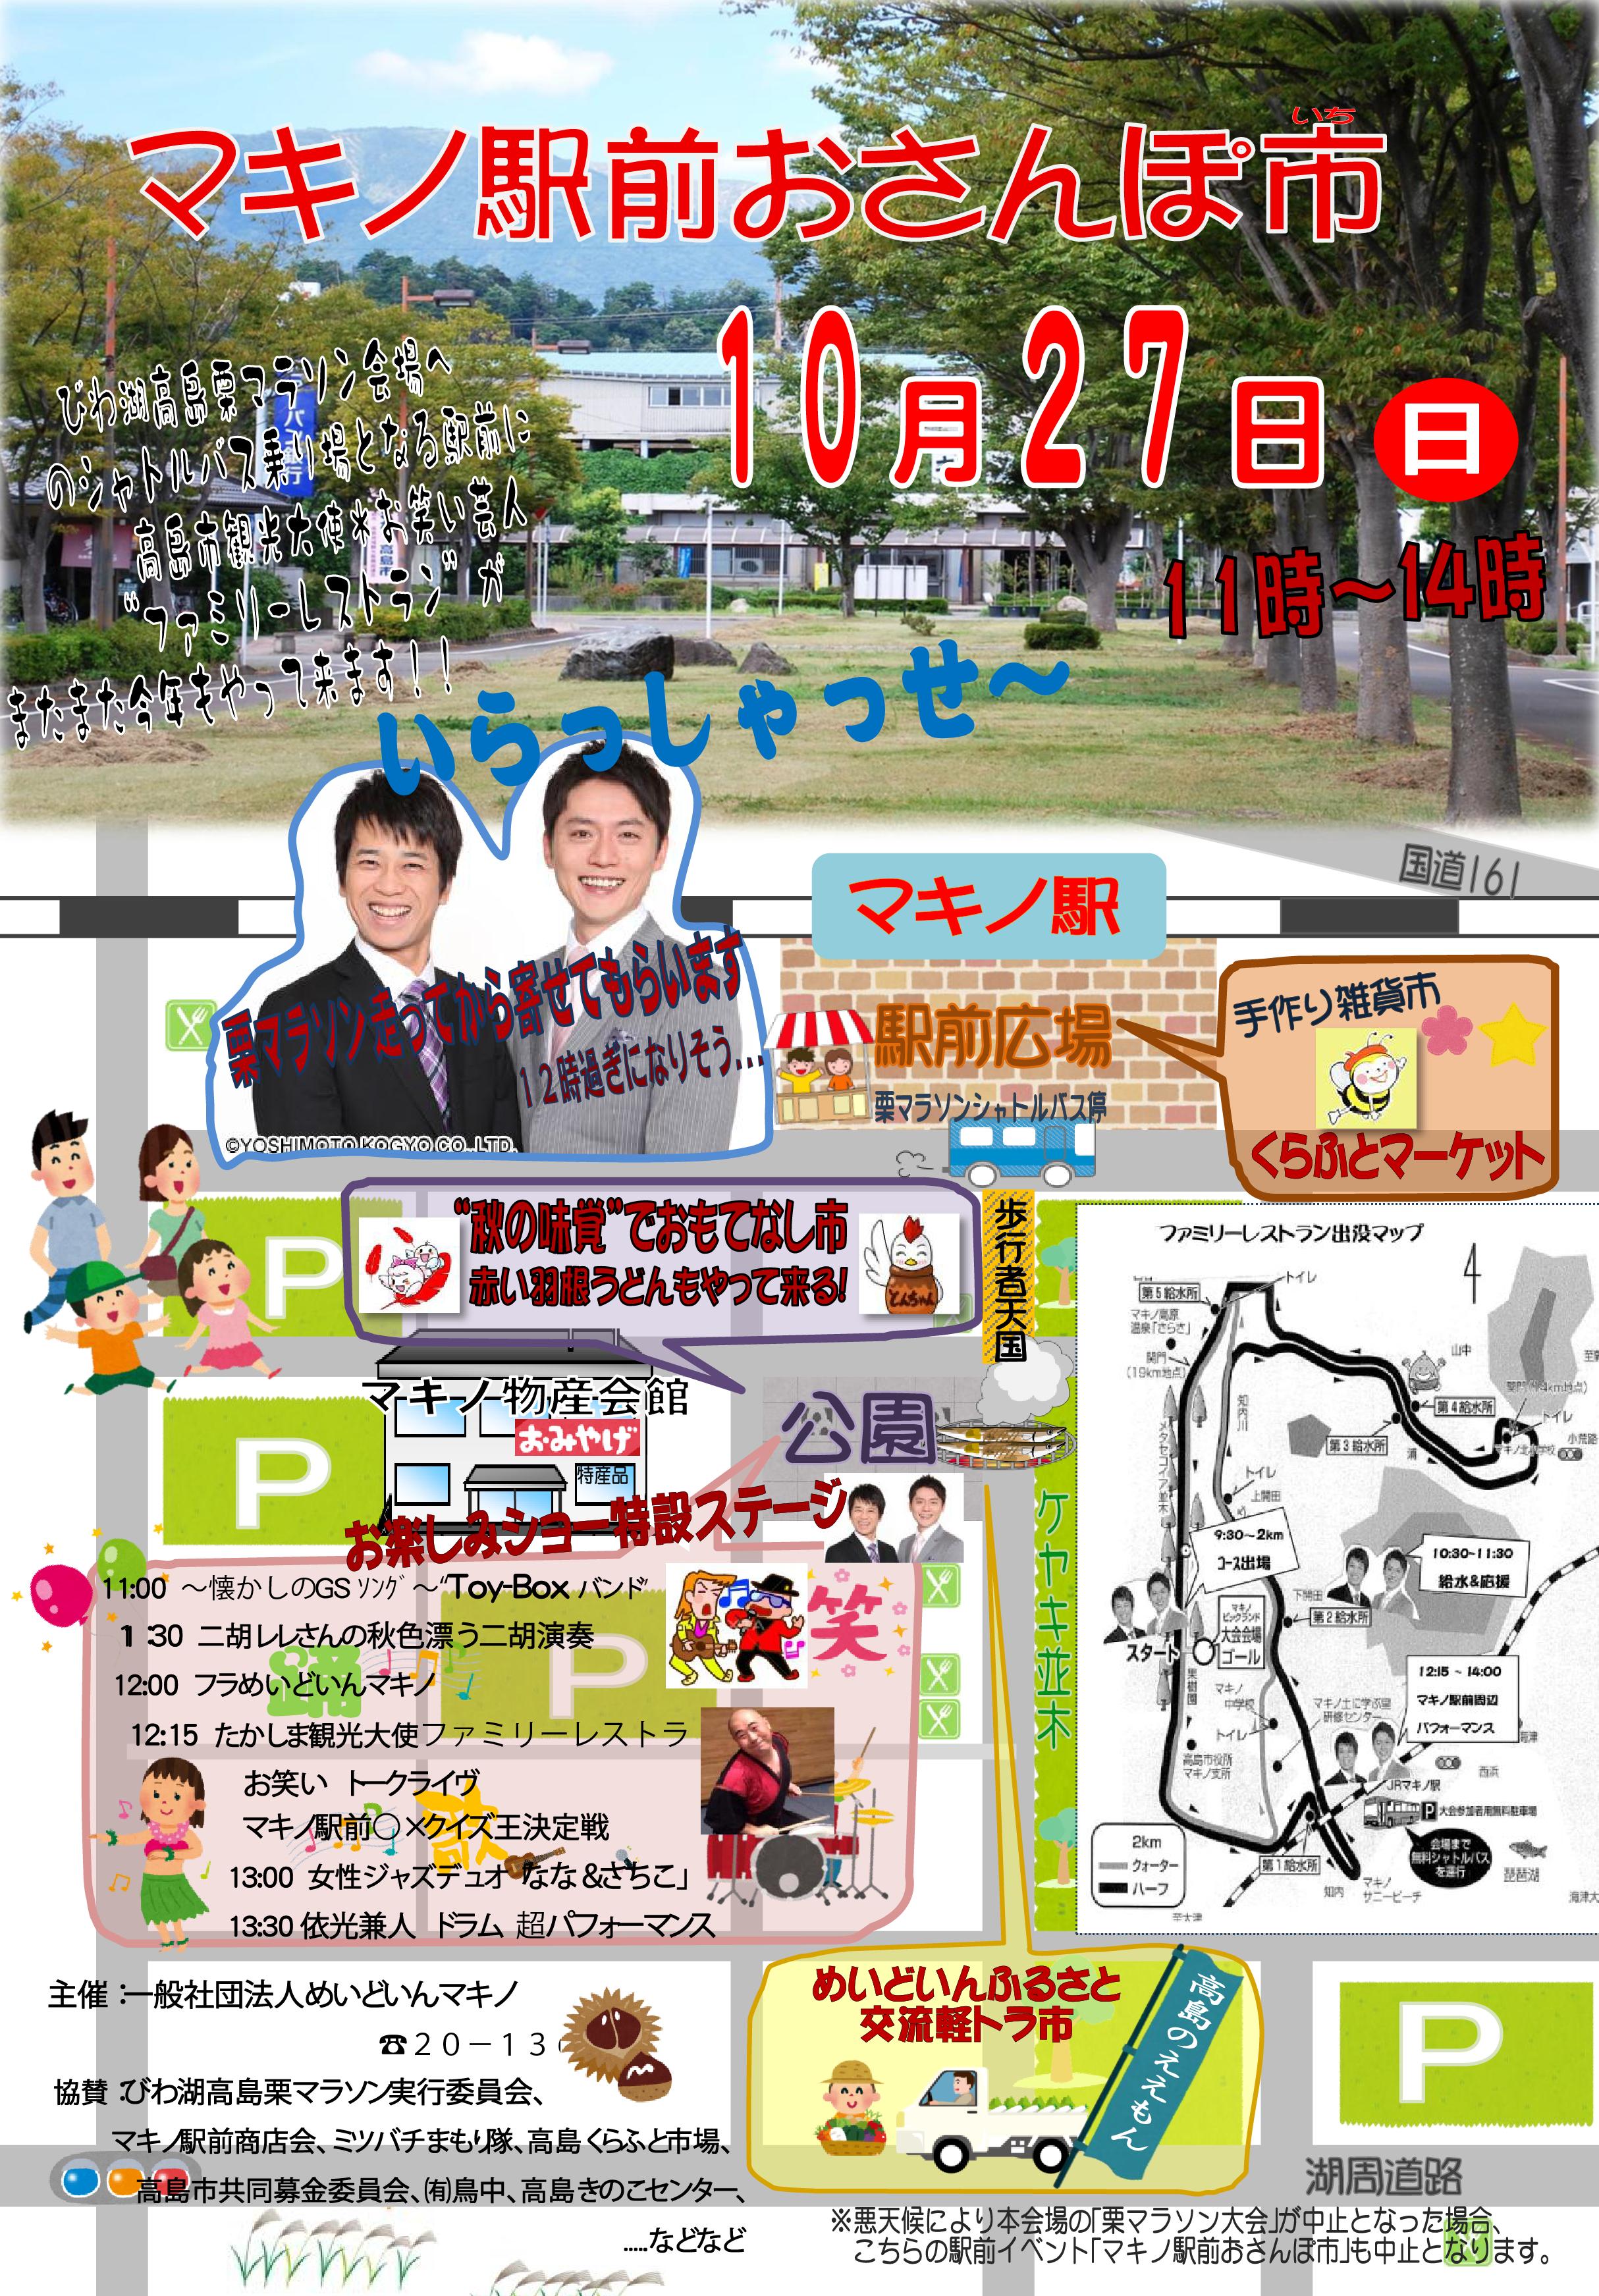 マキノ駅前おさんぽ市